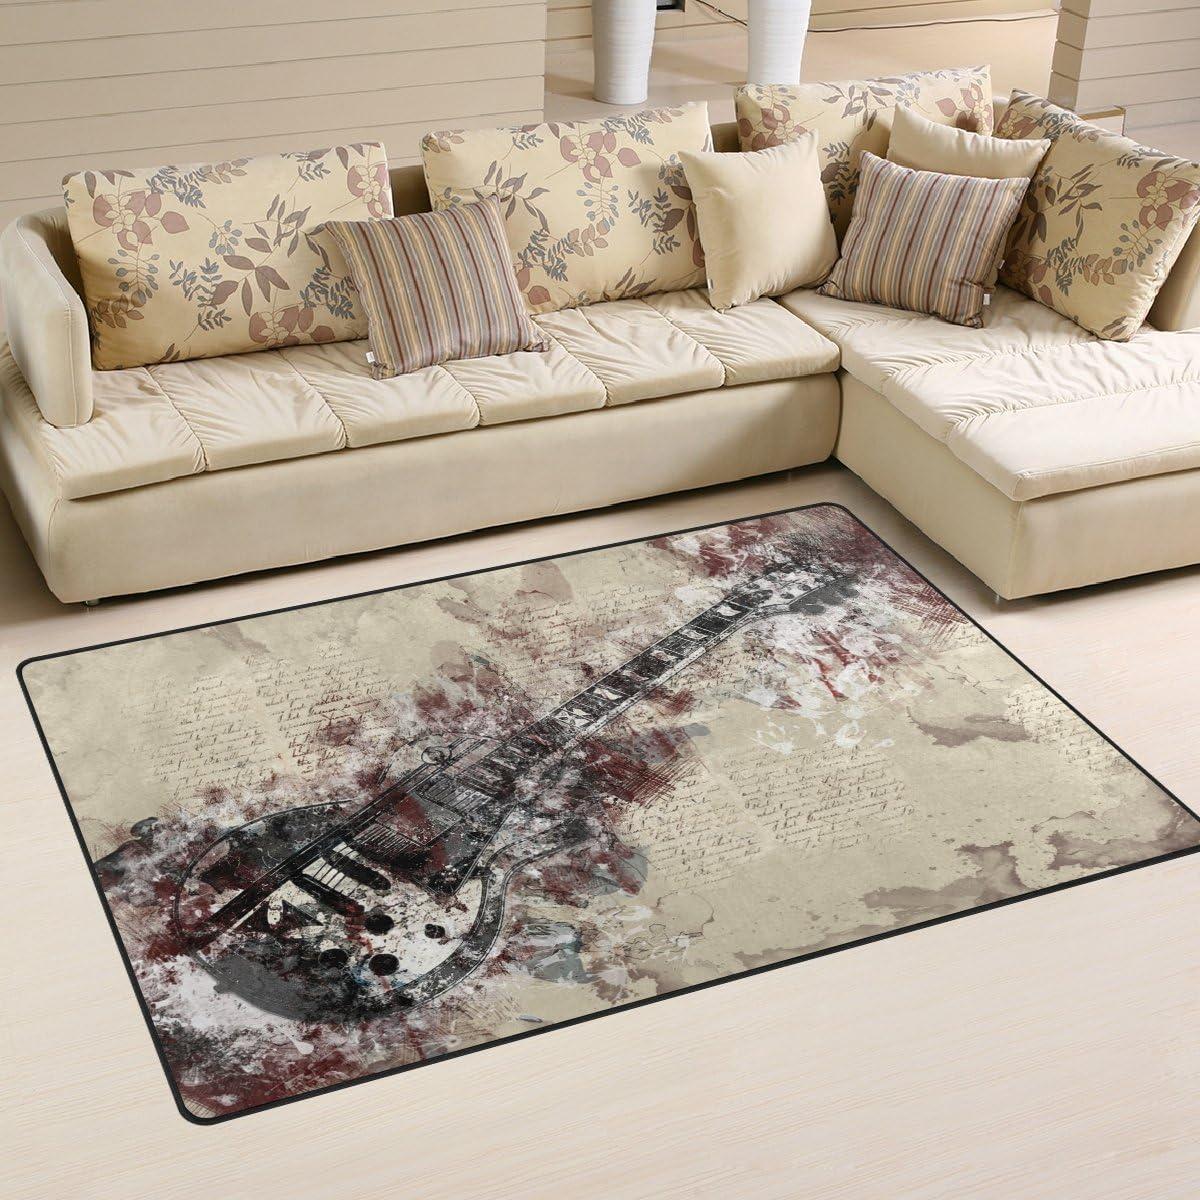 LORVIES Guitar Print Area Rug Carpet Non-Slip Floor Mat Doormats for Living Room Bedroom 60 x 39 inches